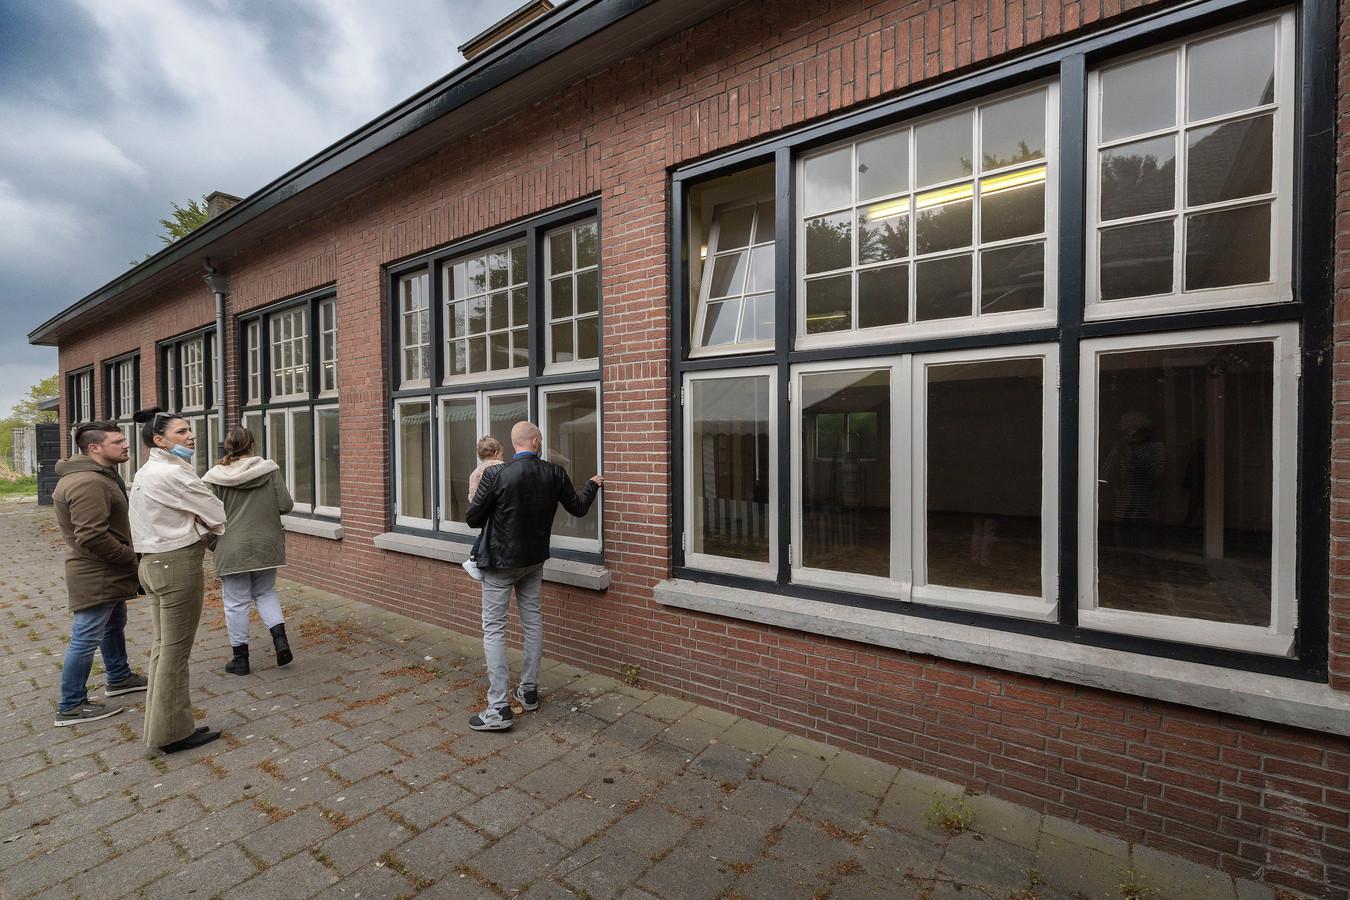 De kijkdag die in mei werd gehouden voor de voormalige jongensschool Sint-Servatius in Westerhoven.